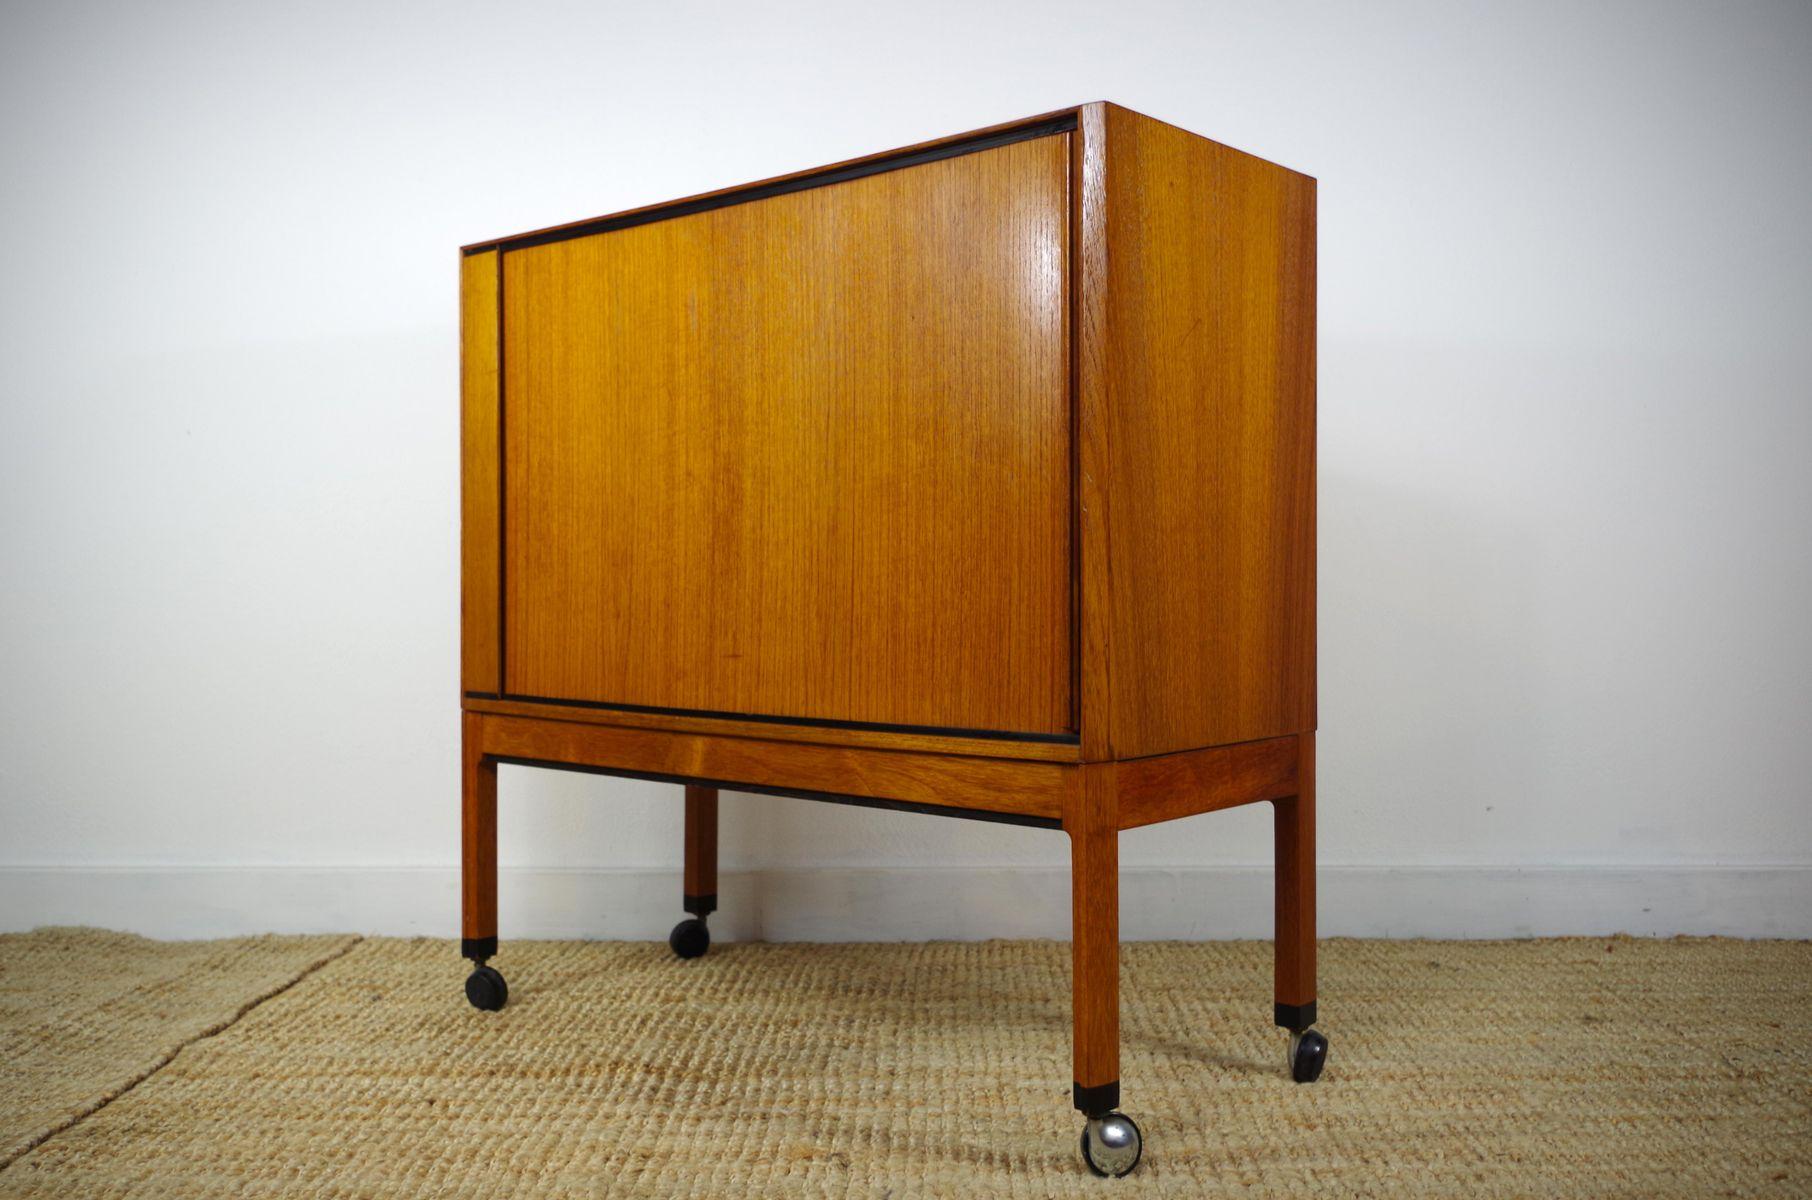 skandinavischer teak schrank mit rollt ren 1960er bei pamono kaufen. Black Bedroom Furniture Sets. Home Design Ideas